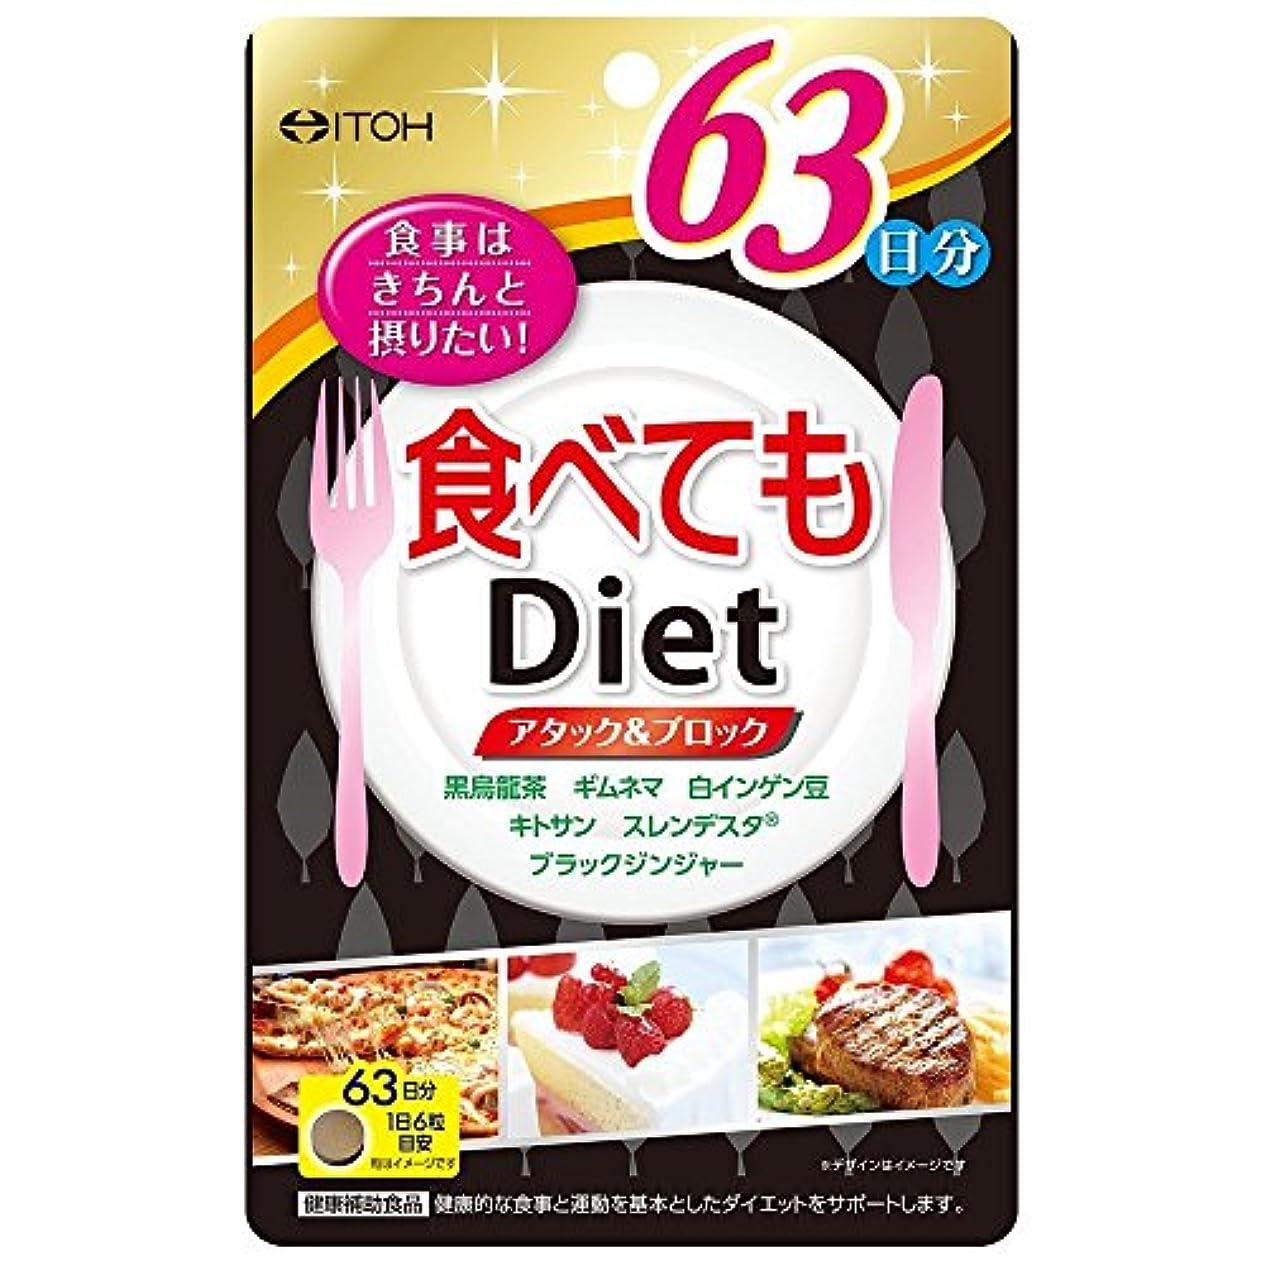 ペパーミント生命体集中井藤漢方製薬 食べてもDiet 378粒 約63日分